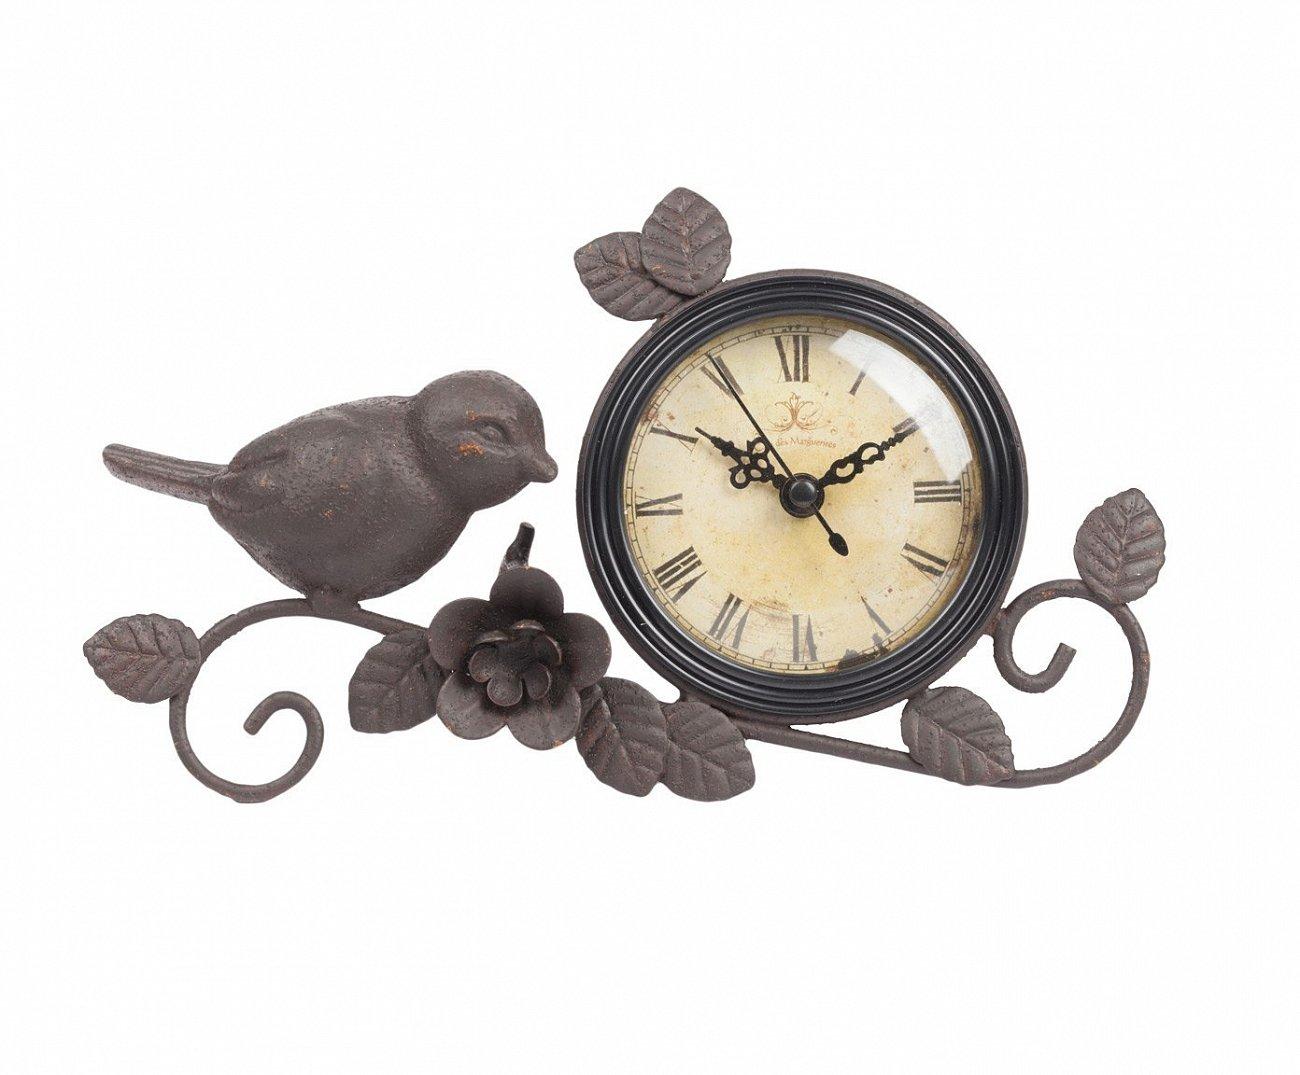 Купить Настольные часы Tempi Vecchi в интернет магазине дизайнерской мебели и аксессуаров для дома и дачи